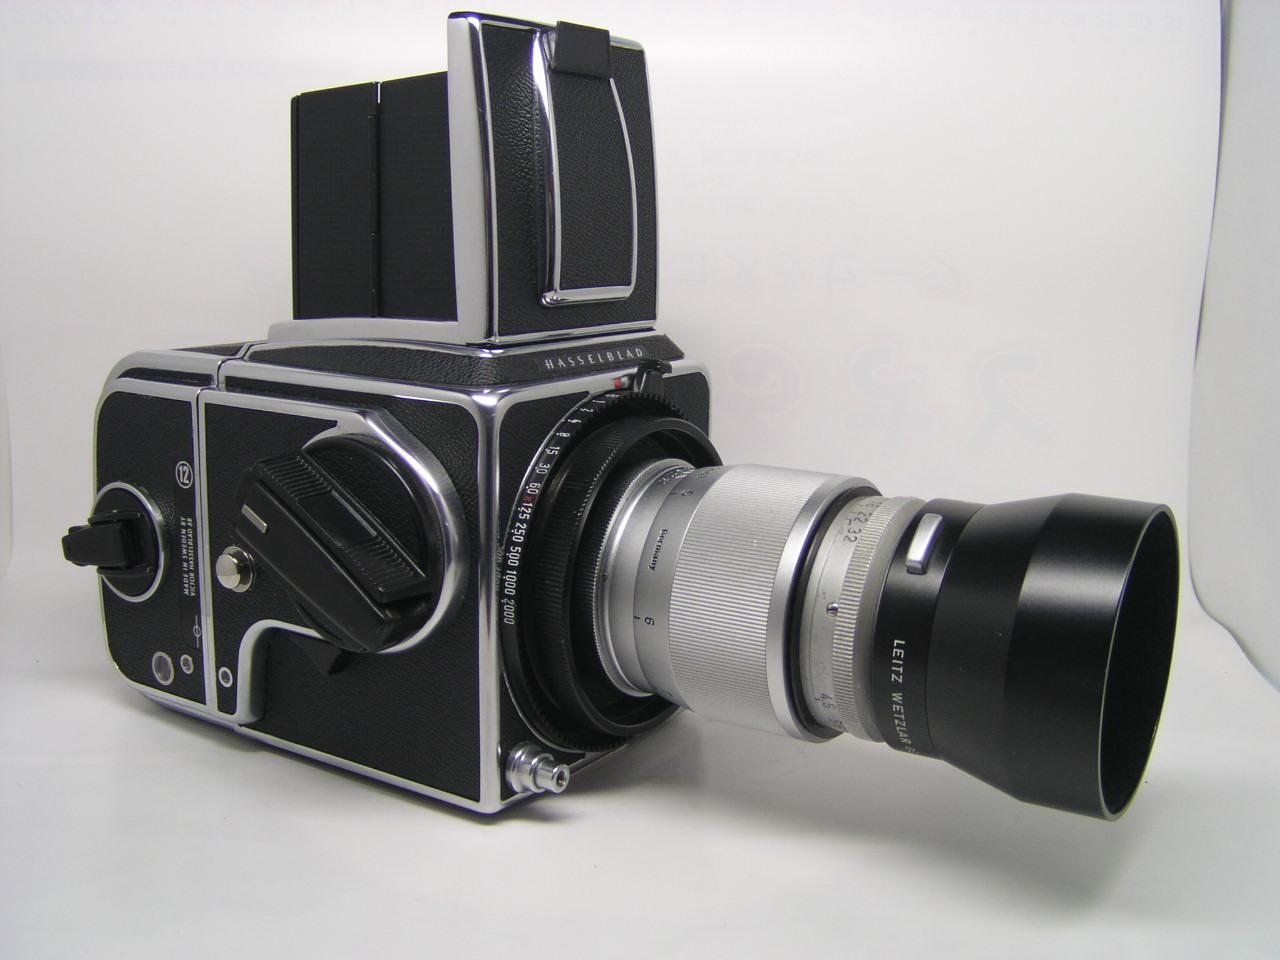 ライカビゾ用のレンズを各種カメラに活用*****キューちゃん_d0138130_16201243.jpg